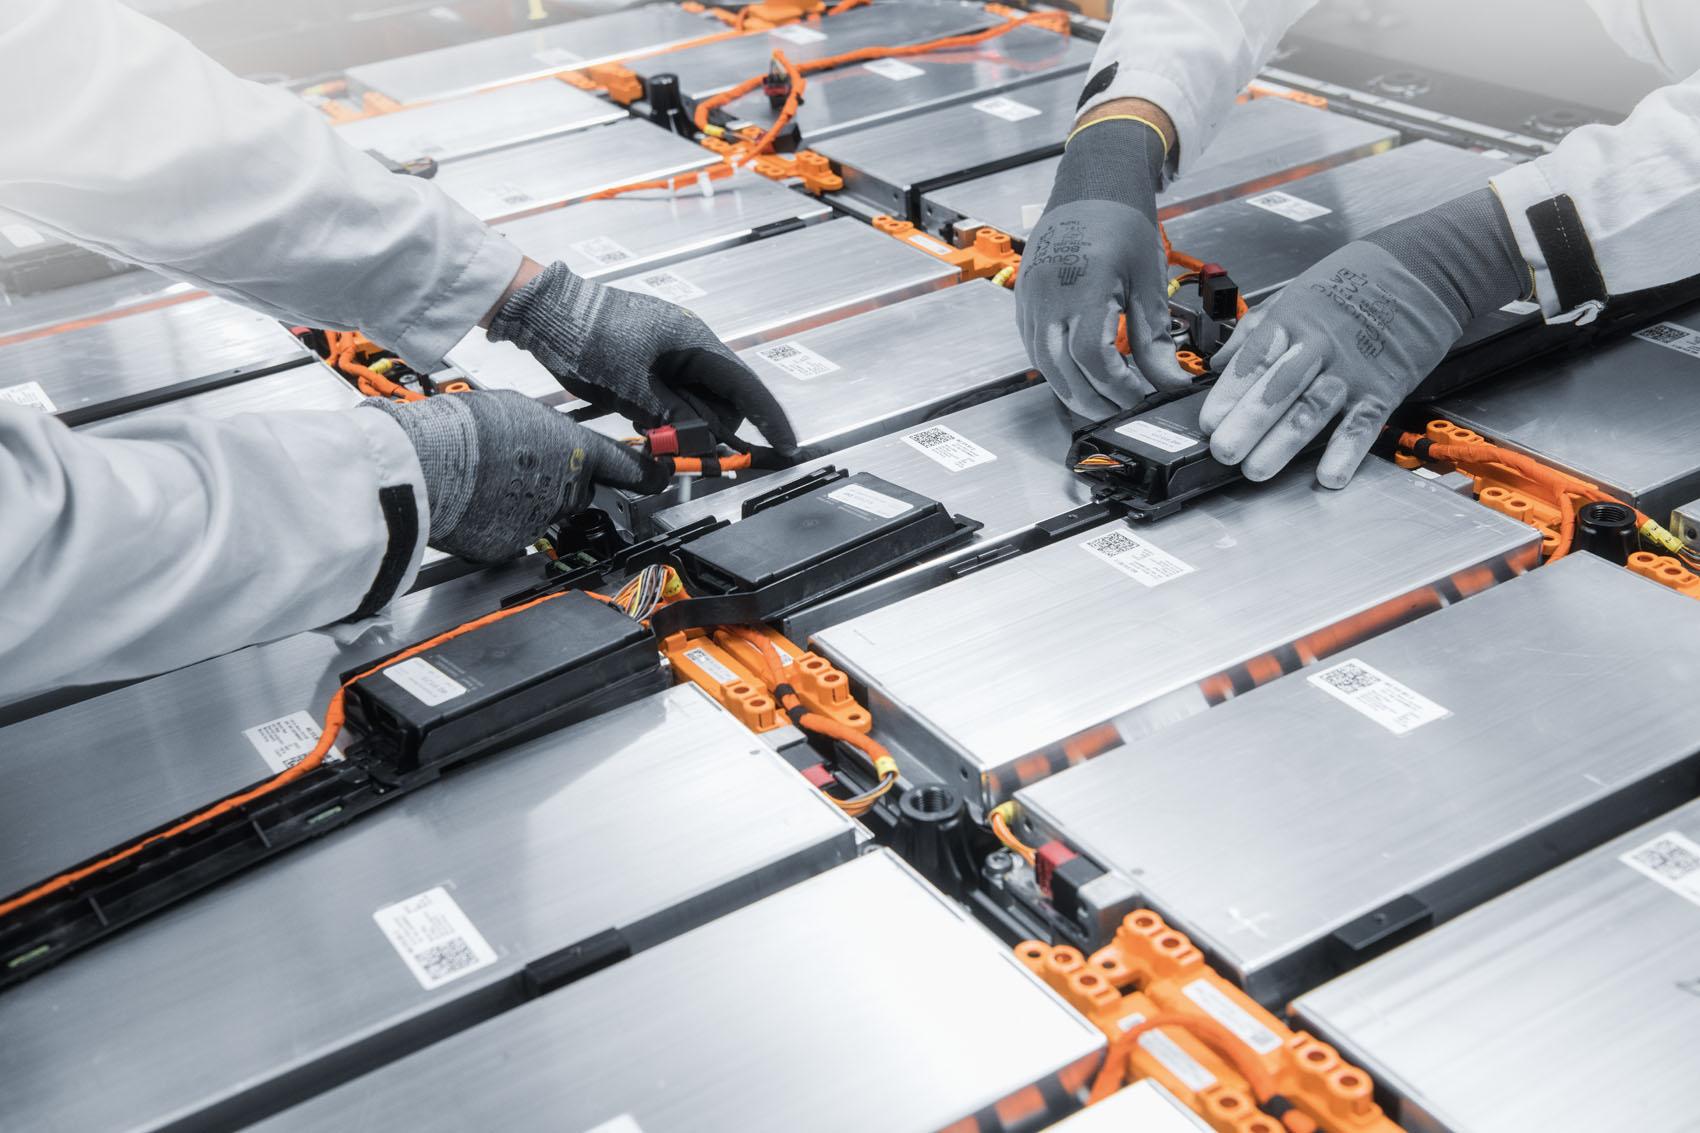 Lavoro manuale: I cavi di collegamento ai motori elettrici vengono posati manualmente.